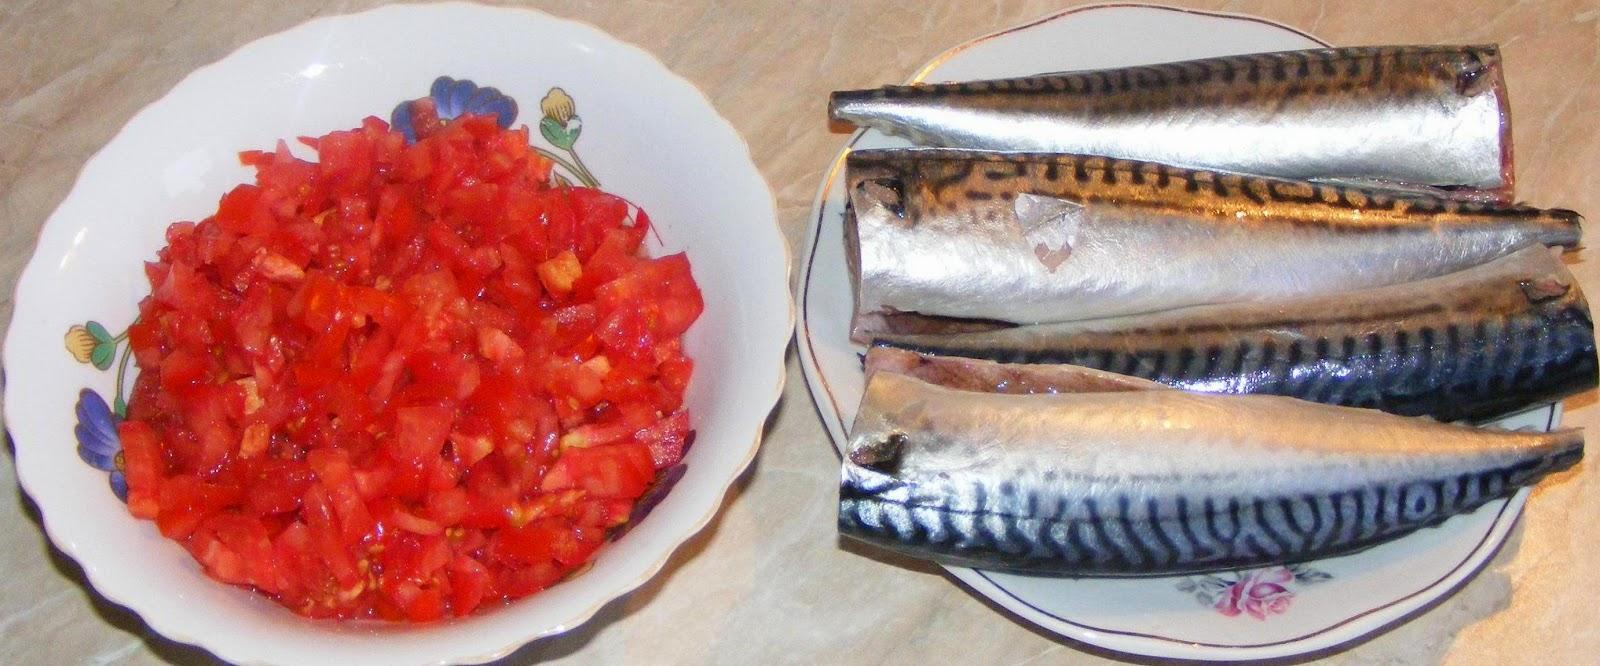 ingrediente saksuka cu peste la gratar, ingrediente saksuka, cum se prepara saksuka, cum facem saksuka, cum preparam saksuka israeliana, retete mancare, retete de peste, preparate din peste,